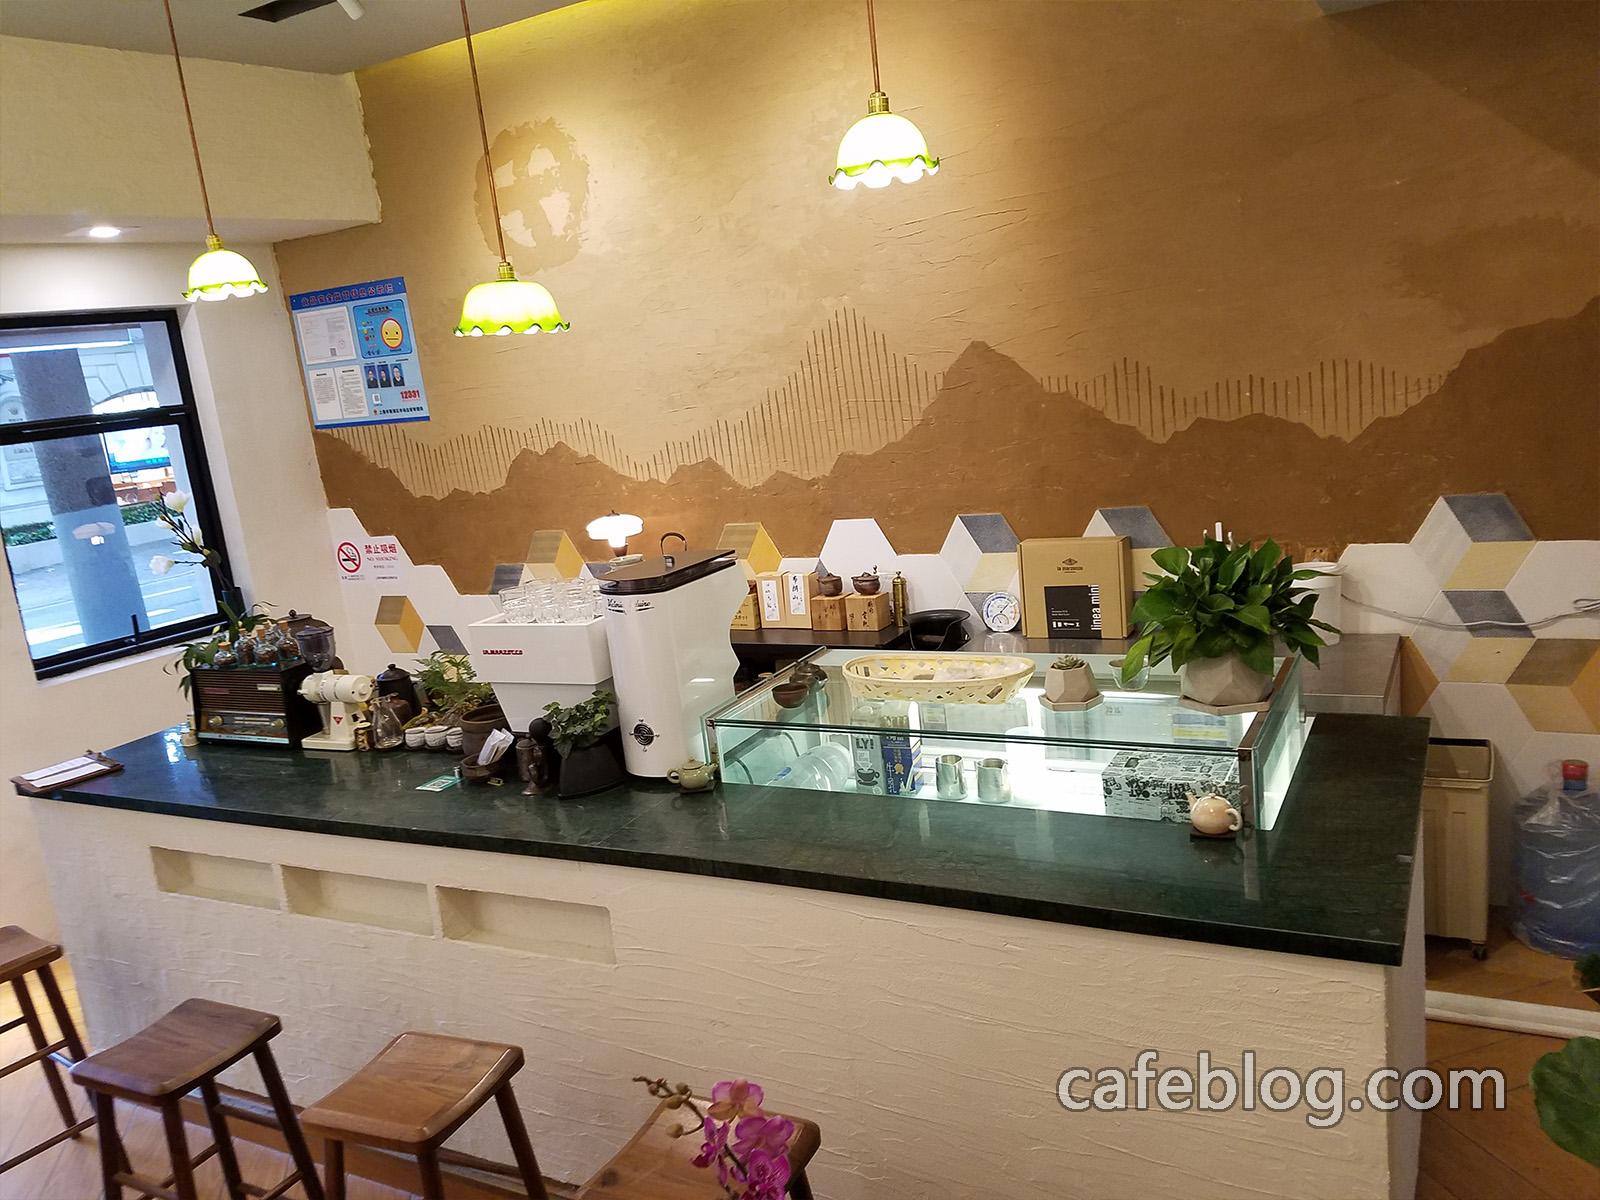 田珈啡 咖啡冲泡吧台